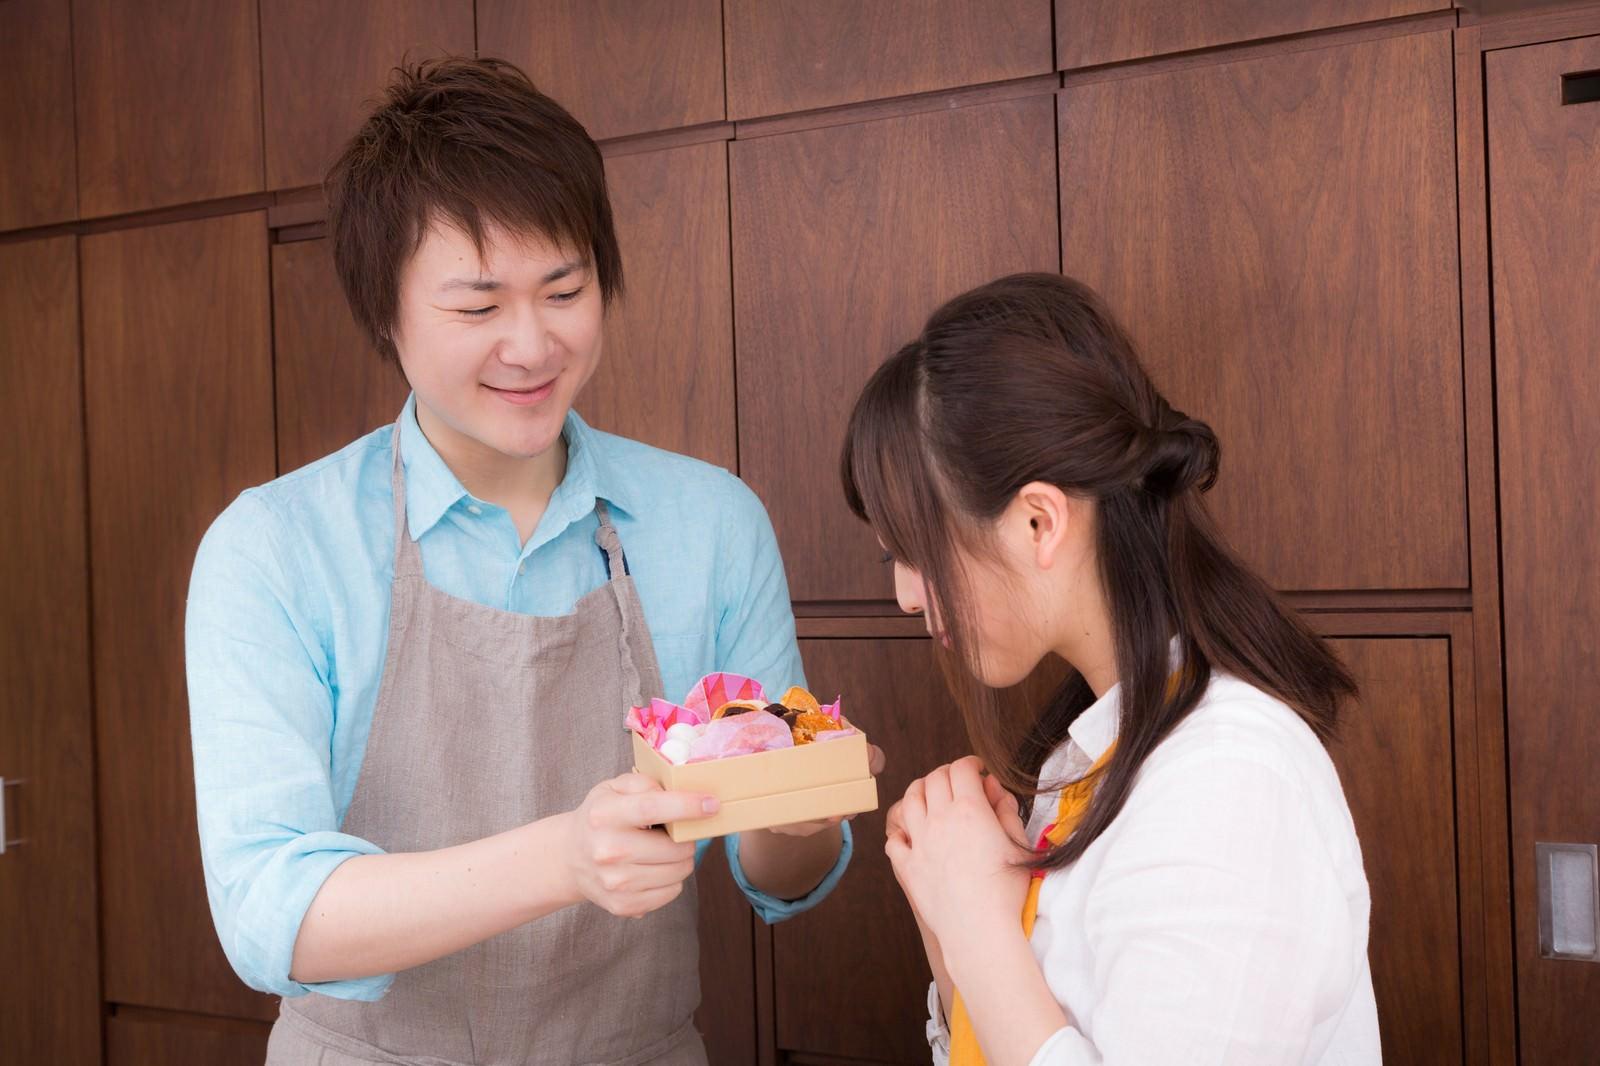 「奥さんへ感謝の手作りチョコをプレゼント奥さんへ感謝の手作りチョコをプレゼント」[モデル:五十嵐夫妻]のフリー写真素材を拡大